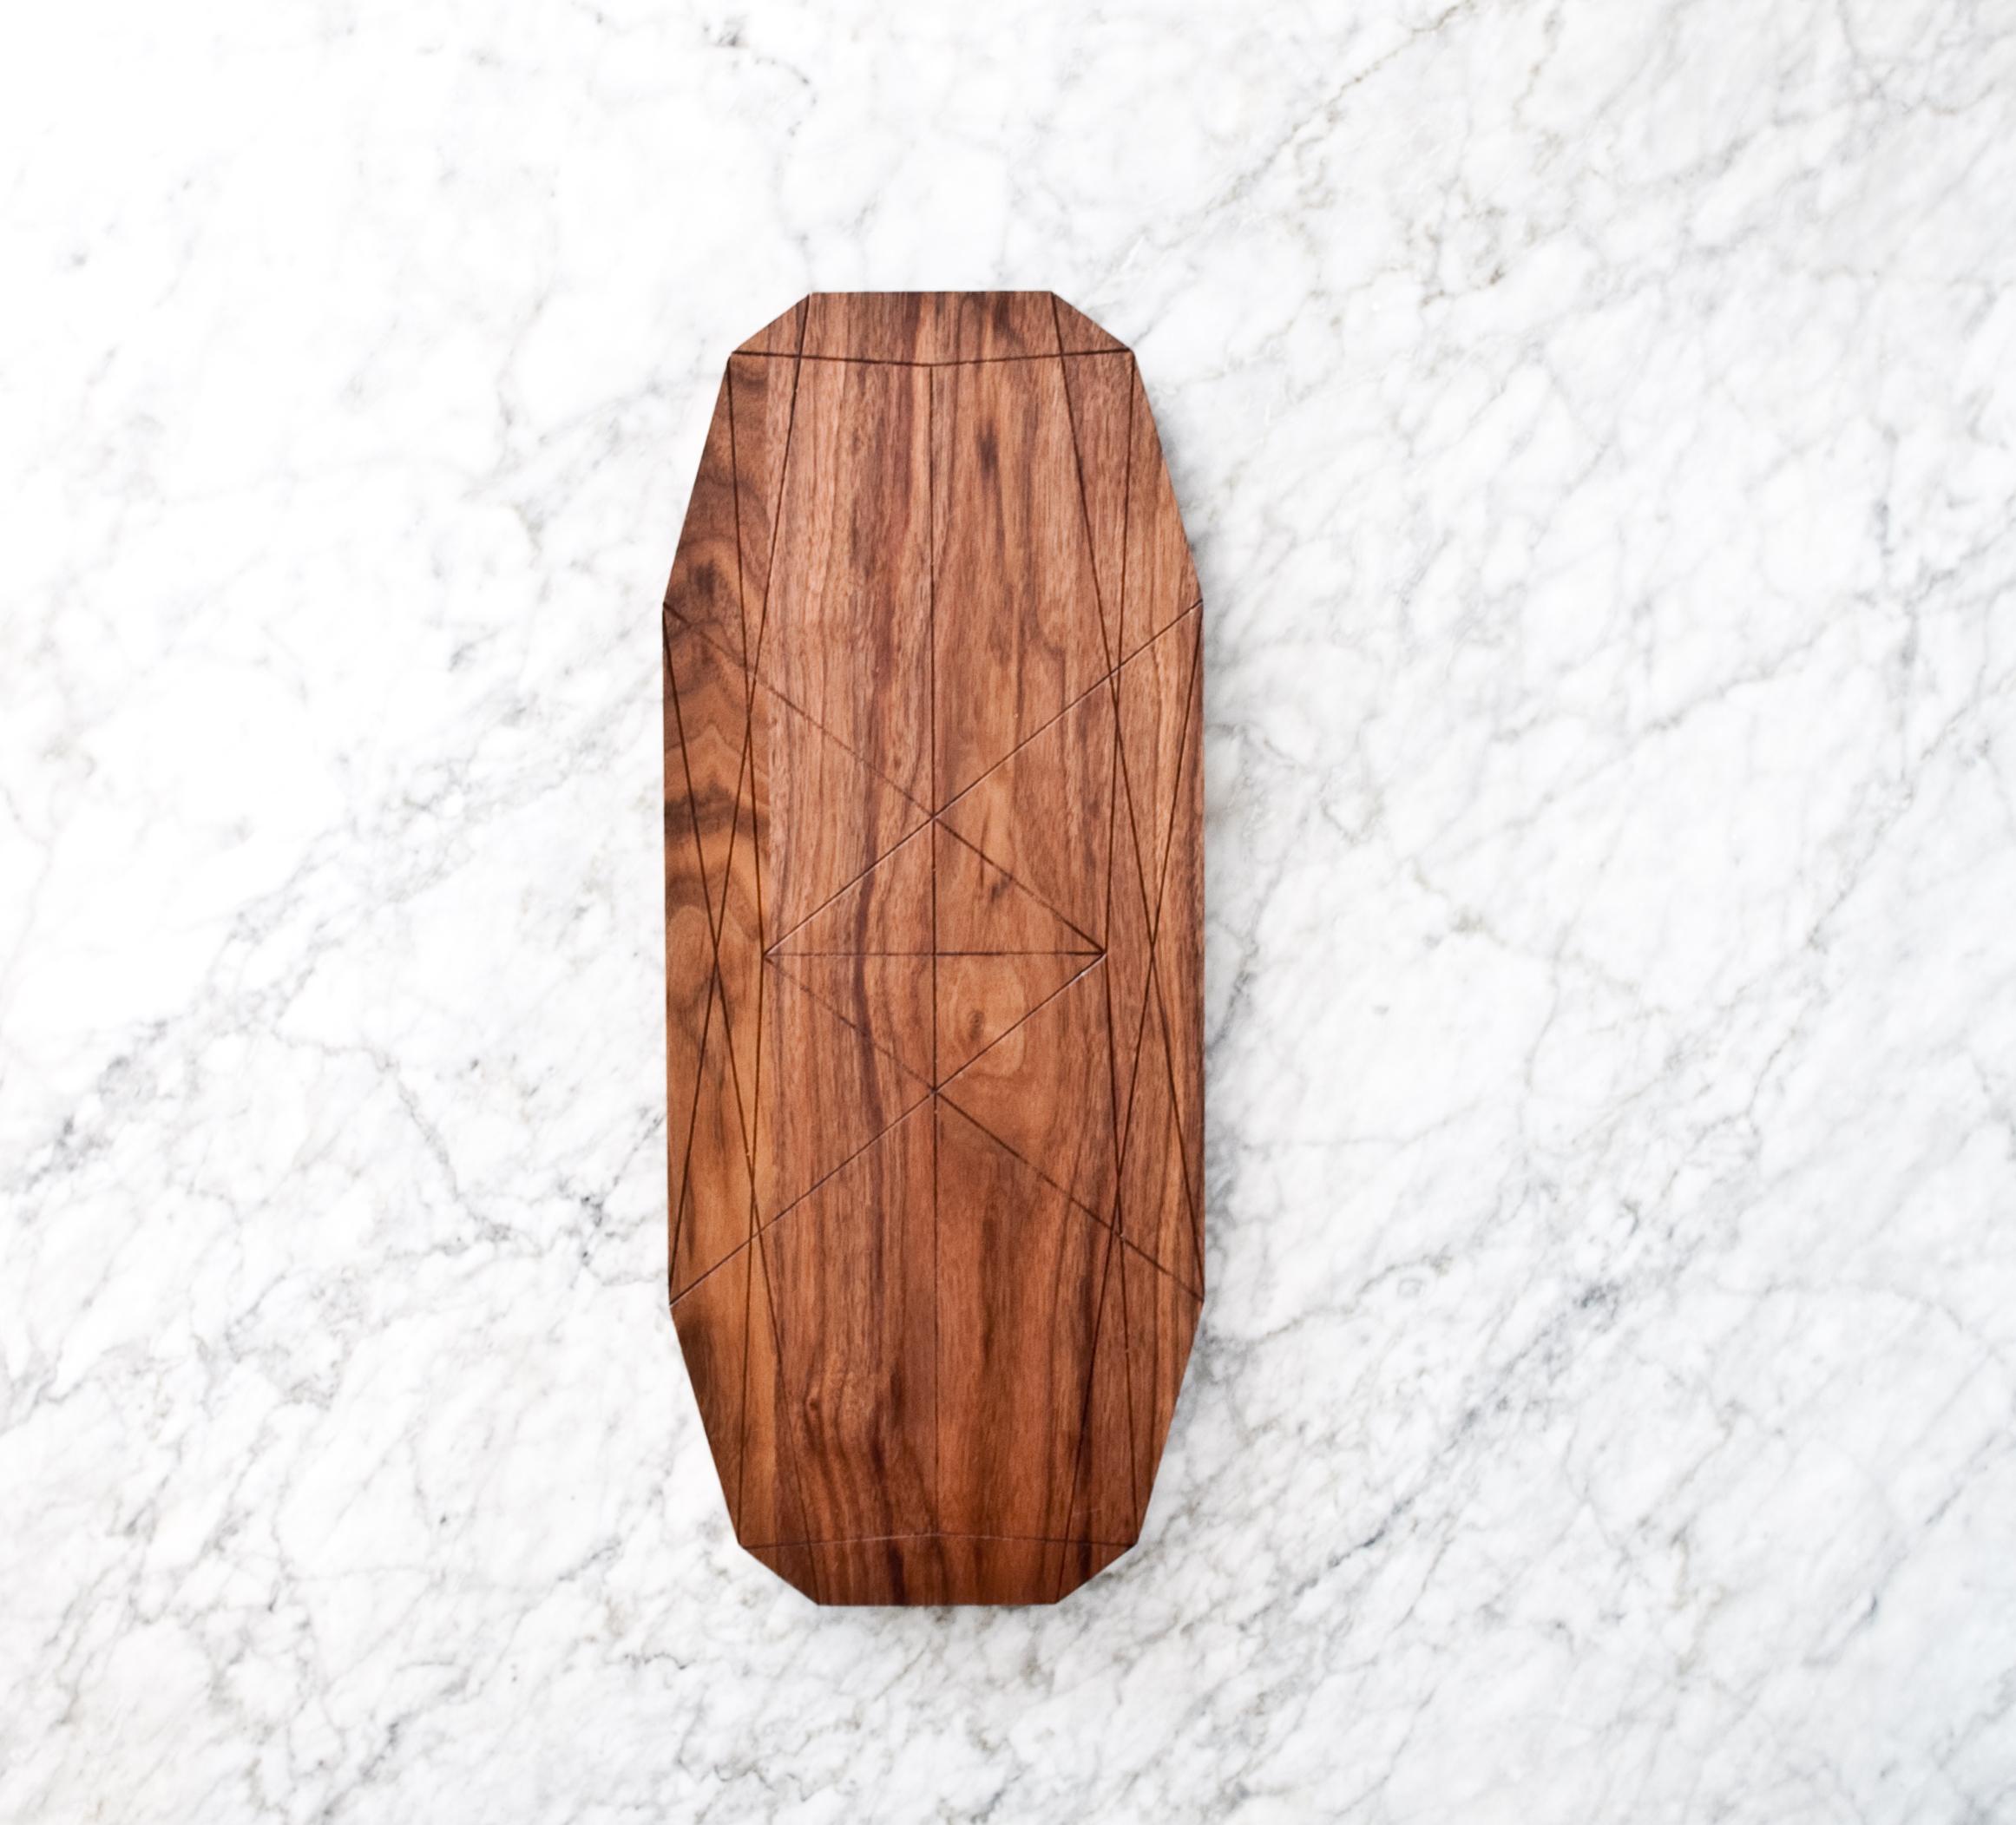 Elegant wood serving board with beveled edges